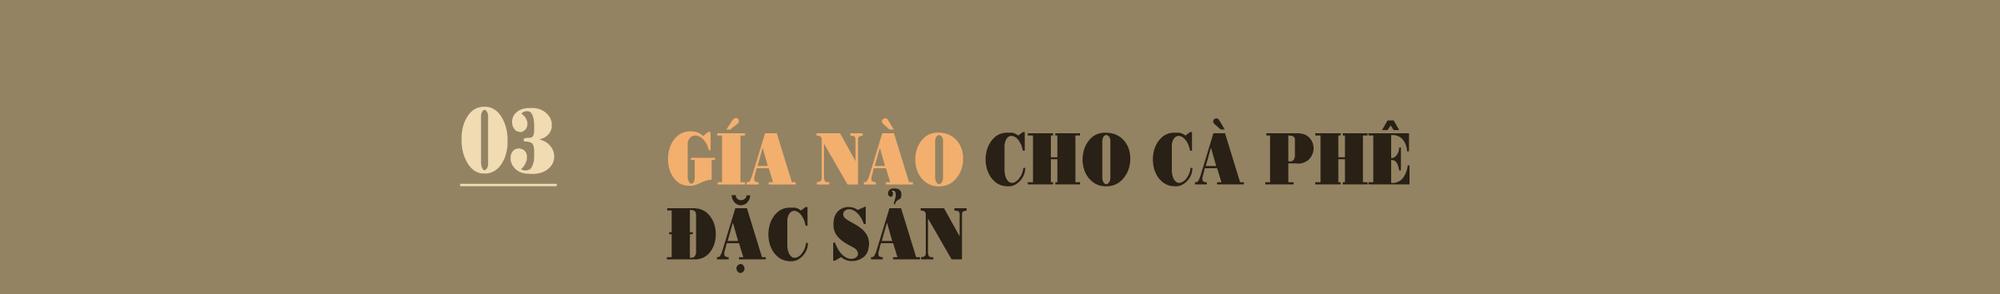 [eMagazine] Cà phê đặc sản: Cửa ngách để nâng tầm cà phê Việt - Ảnh 9.